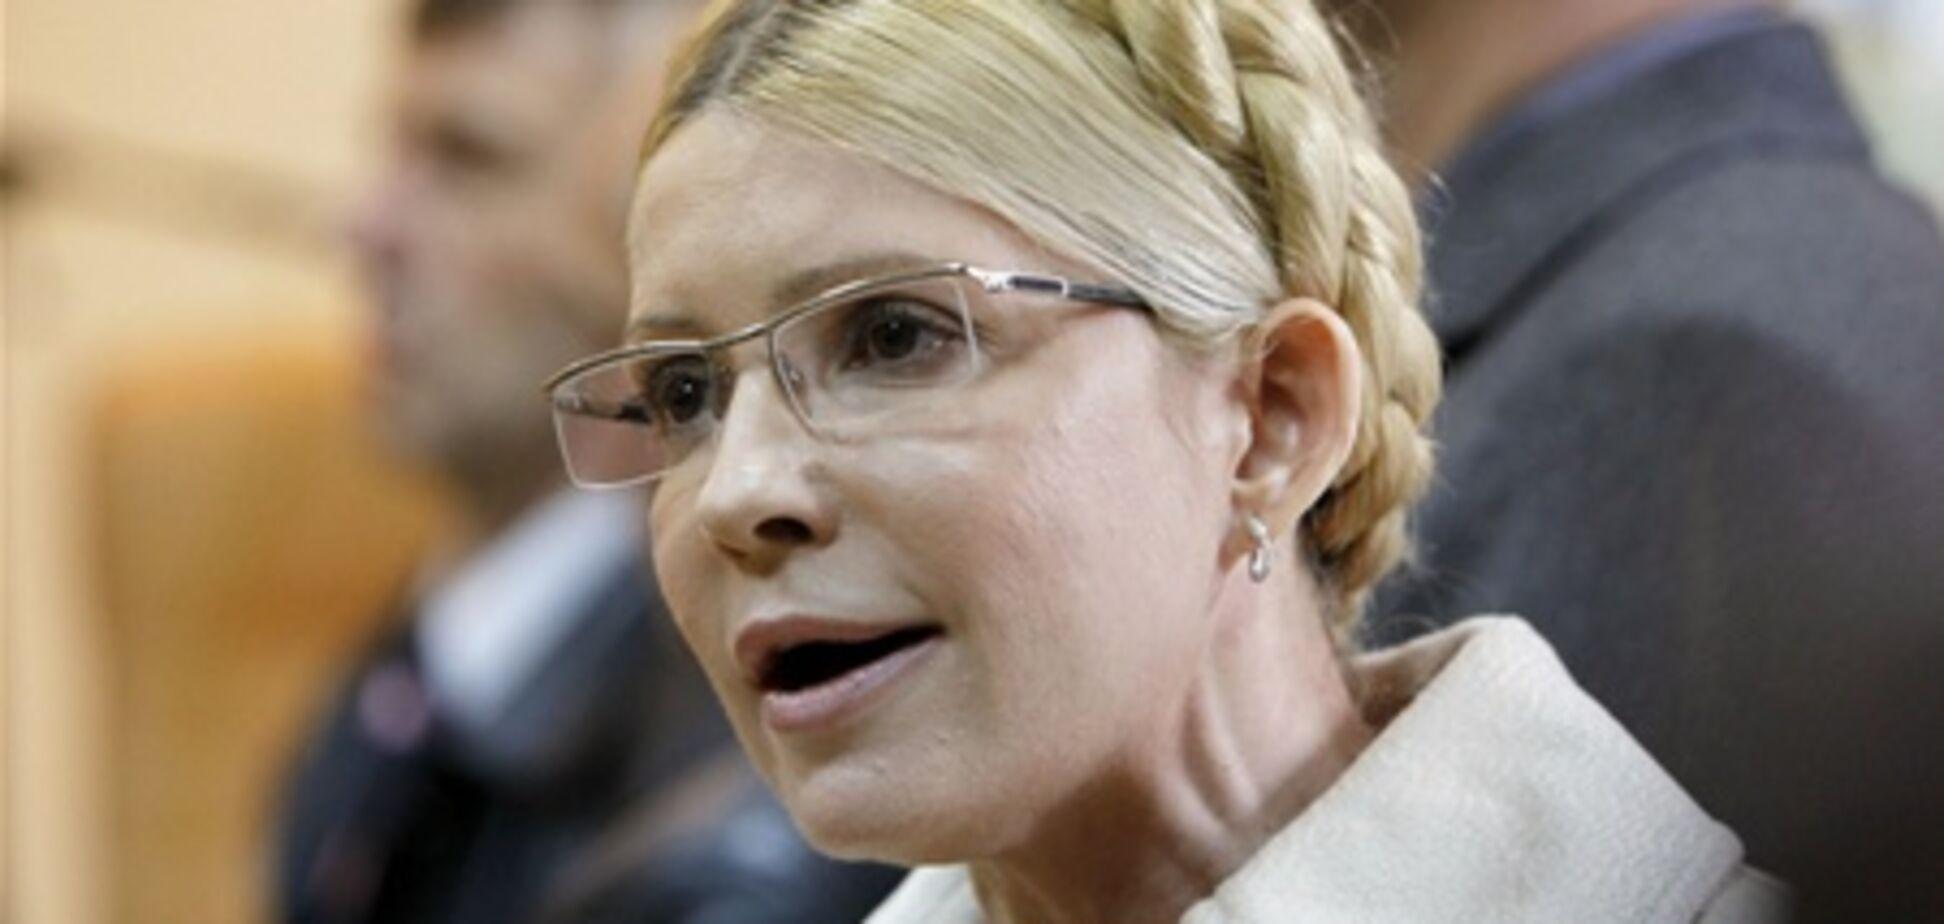 Окунська: Власенко заробляє на Тимошенко по $ 200 тисяч на місяць